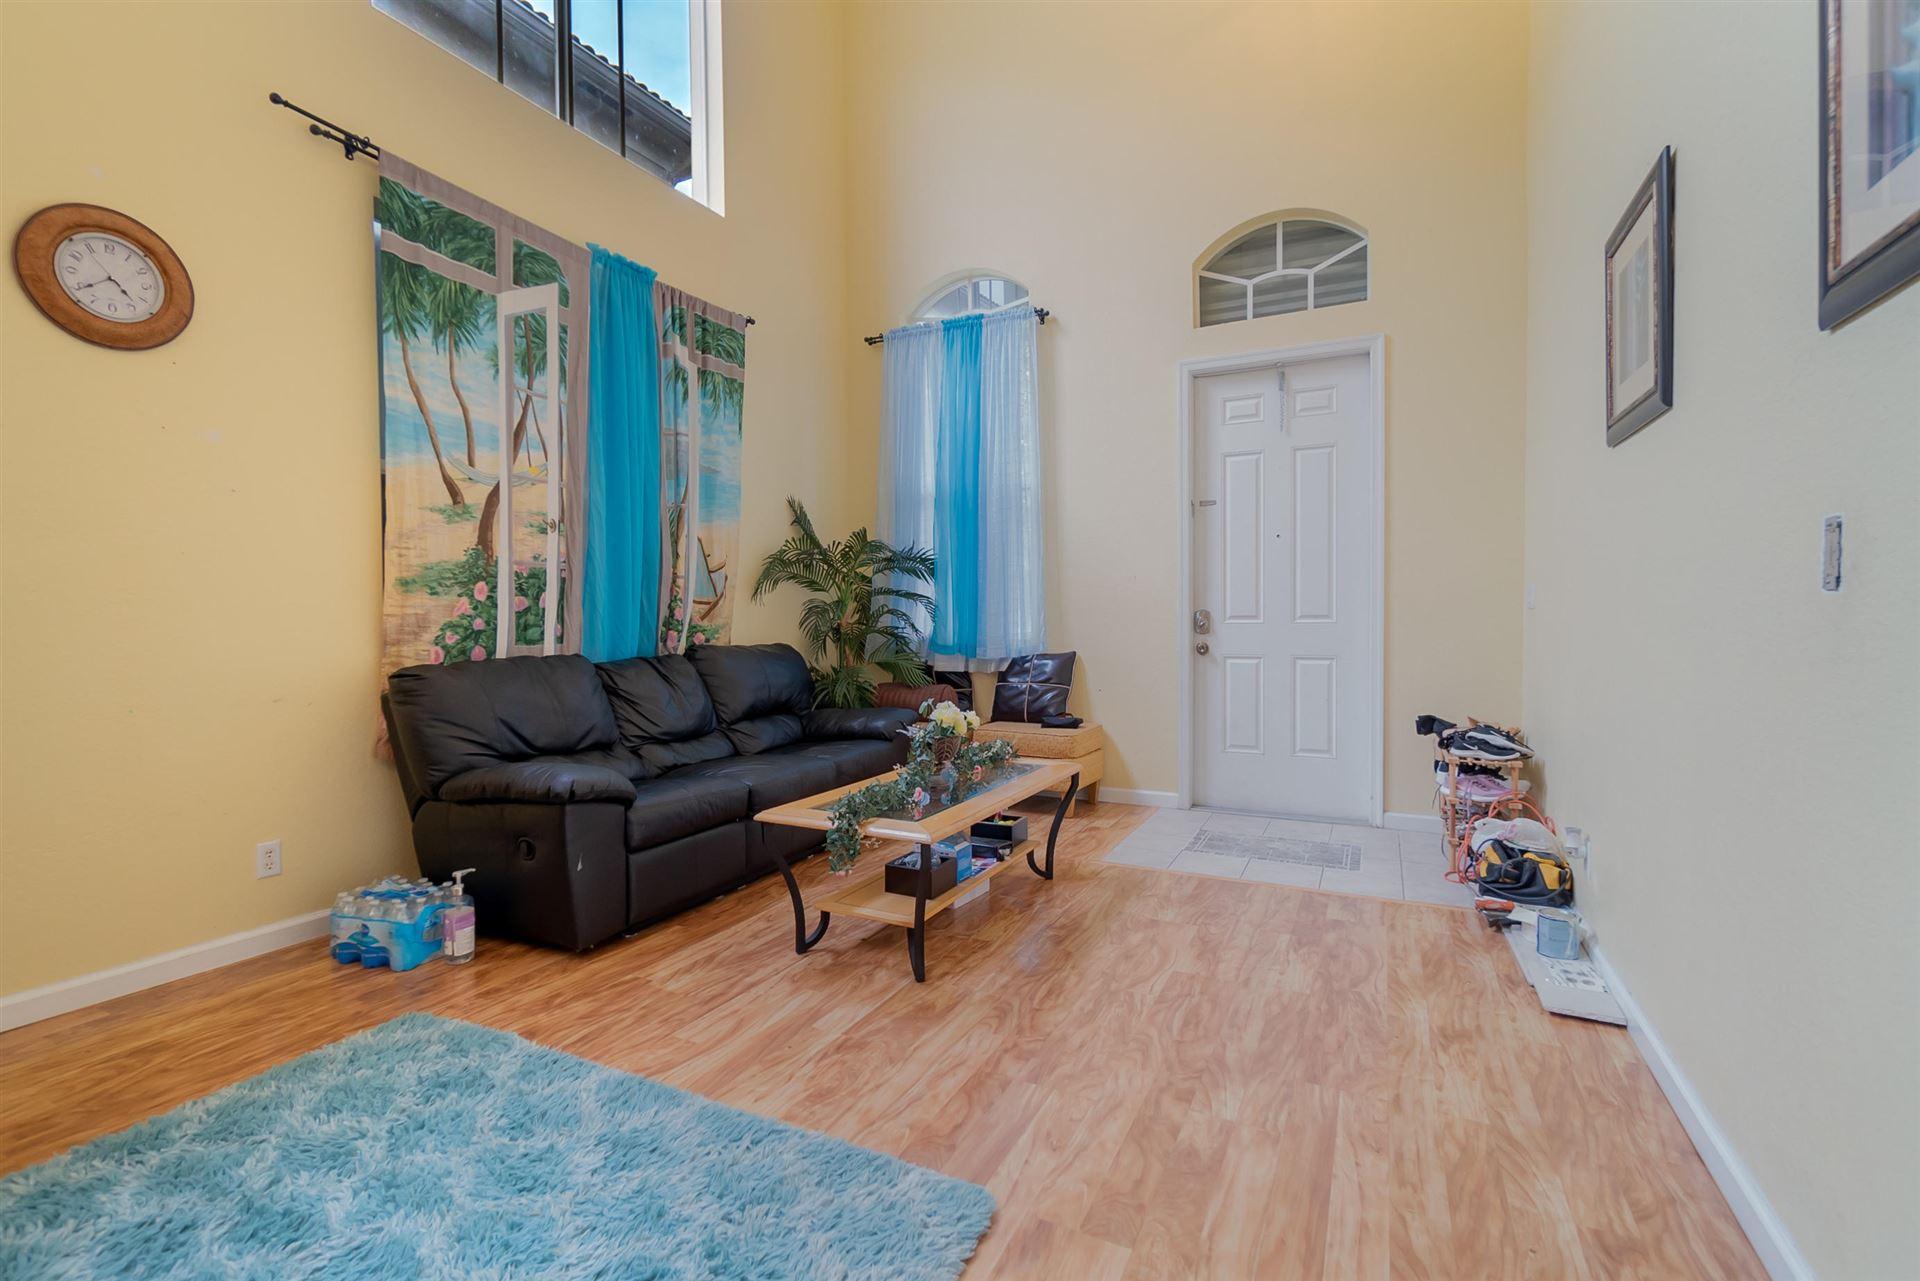 Photo of 1285 Rosegate Boulevard, Riviera Beach, FL 33404 (MLS # RX-10671397)